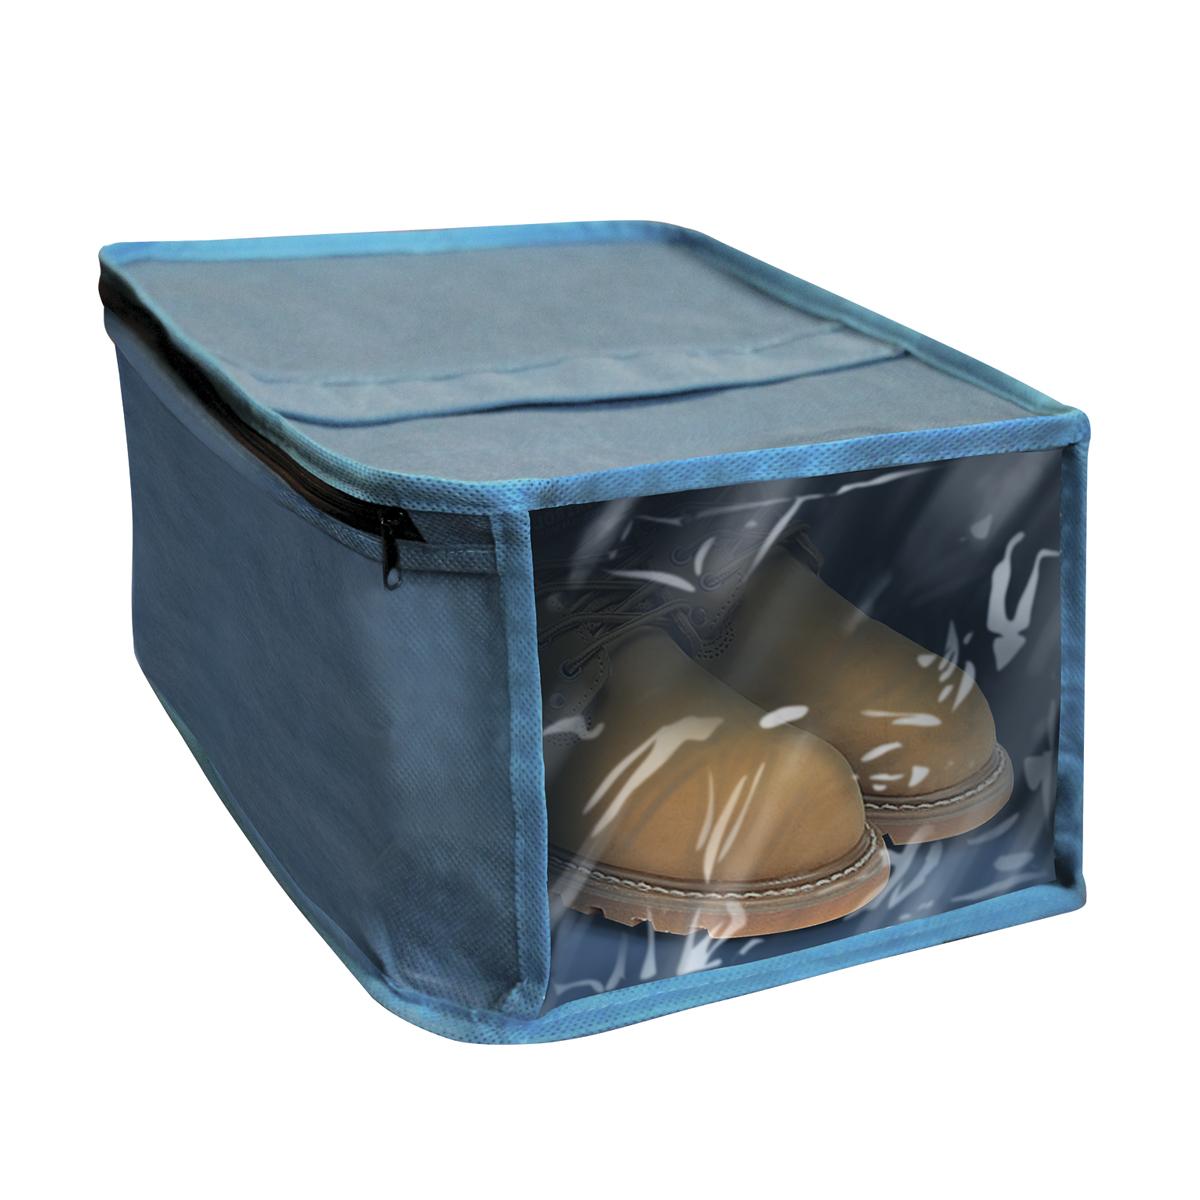 Чехол для хранения обуви Miolla, с окошком, цвет: синий, 30 х 25 х 15 смRG-D31SЧехол для хранения обуви Miolla на застежке-молнии выполнен из высококачественного нетканого материала. Прозрачное полиэтиленовое окошко позволяет видеть содержимое чехла. Подходит для длительного хранения вещей.Чехол обеспечивает вашей обуви надежную защиту от влажности, повреждений и грязи при транспортировке, от запыления при хранении и проникновения моли. Чехол обладает водоотталкивающими свойствами, а также позволяет воздуху свободно поступать внутрь вещей, обеспечивая их кондиционирование. Размер чехла: 30 х 25 х 15 см.